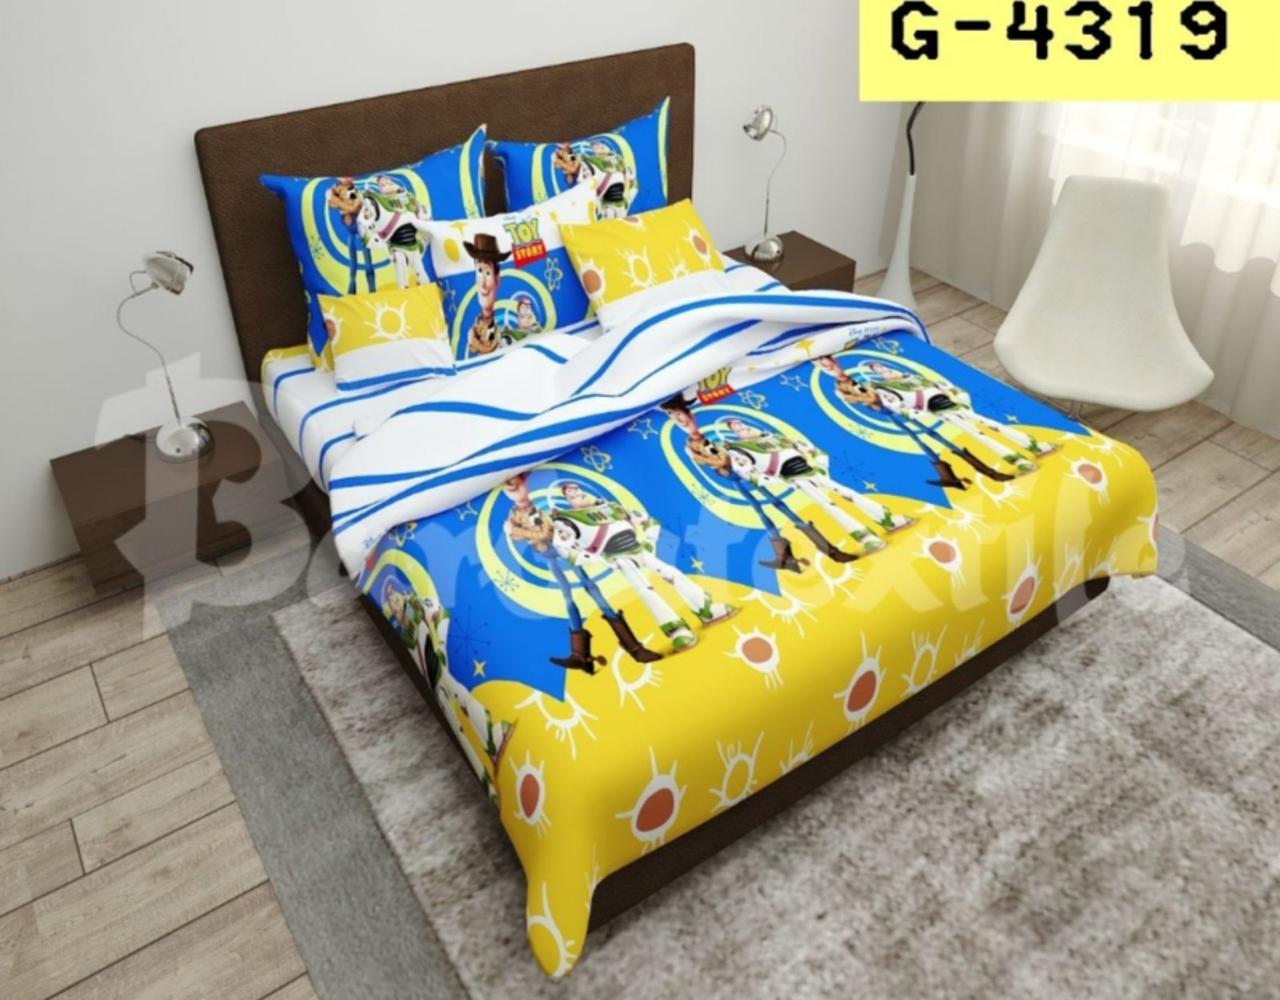 Комплект постельного белья подростковый  полуторный История игрушек 2